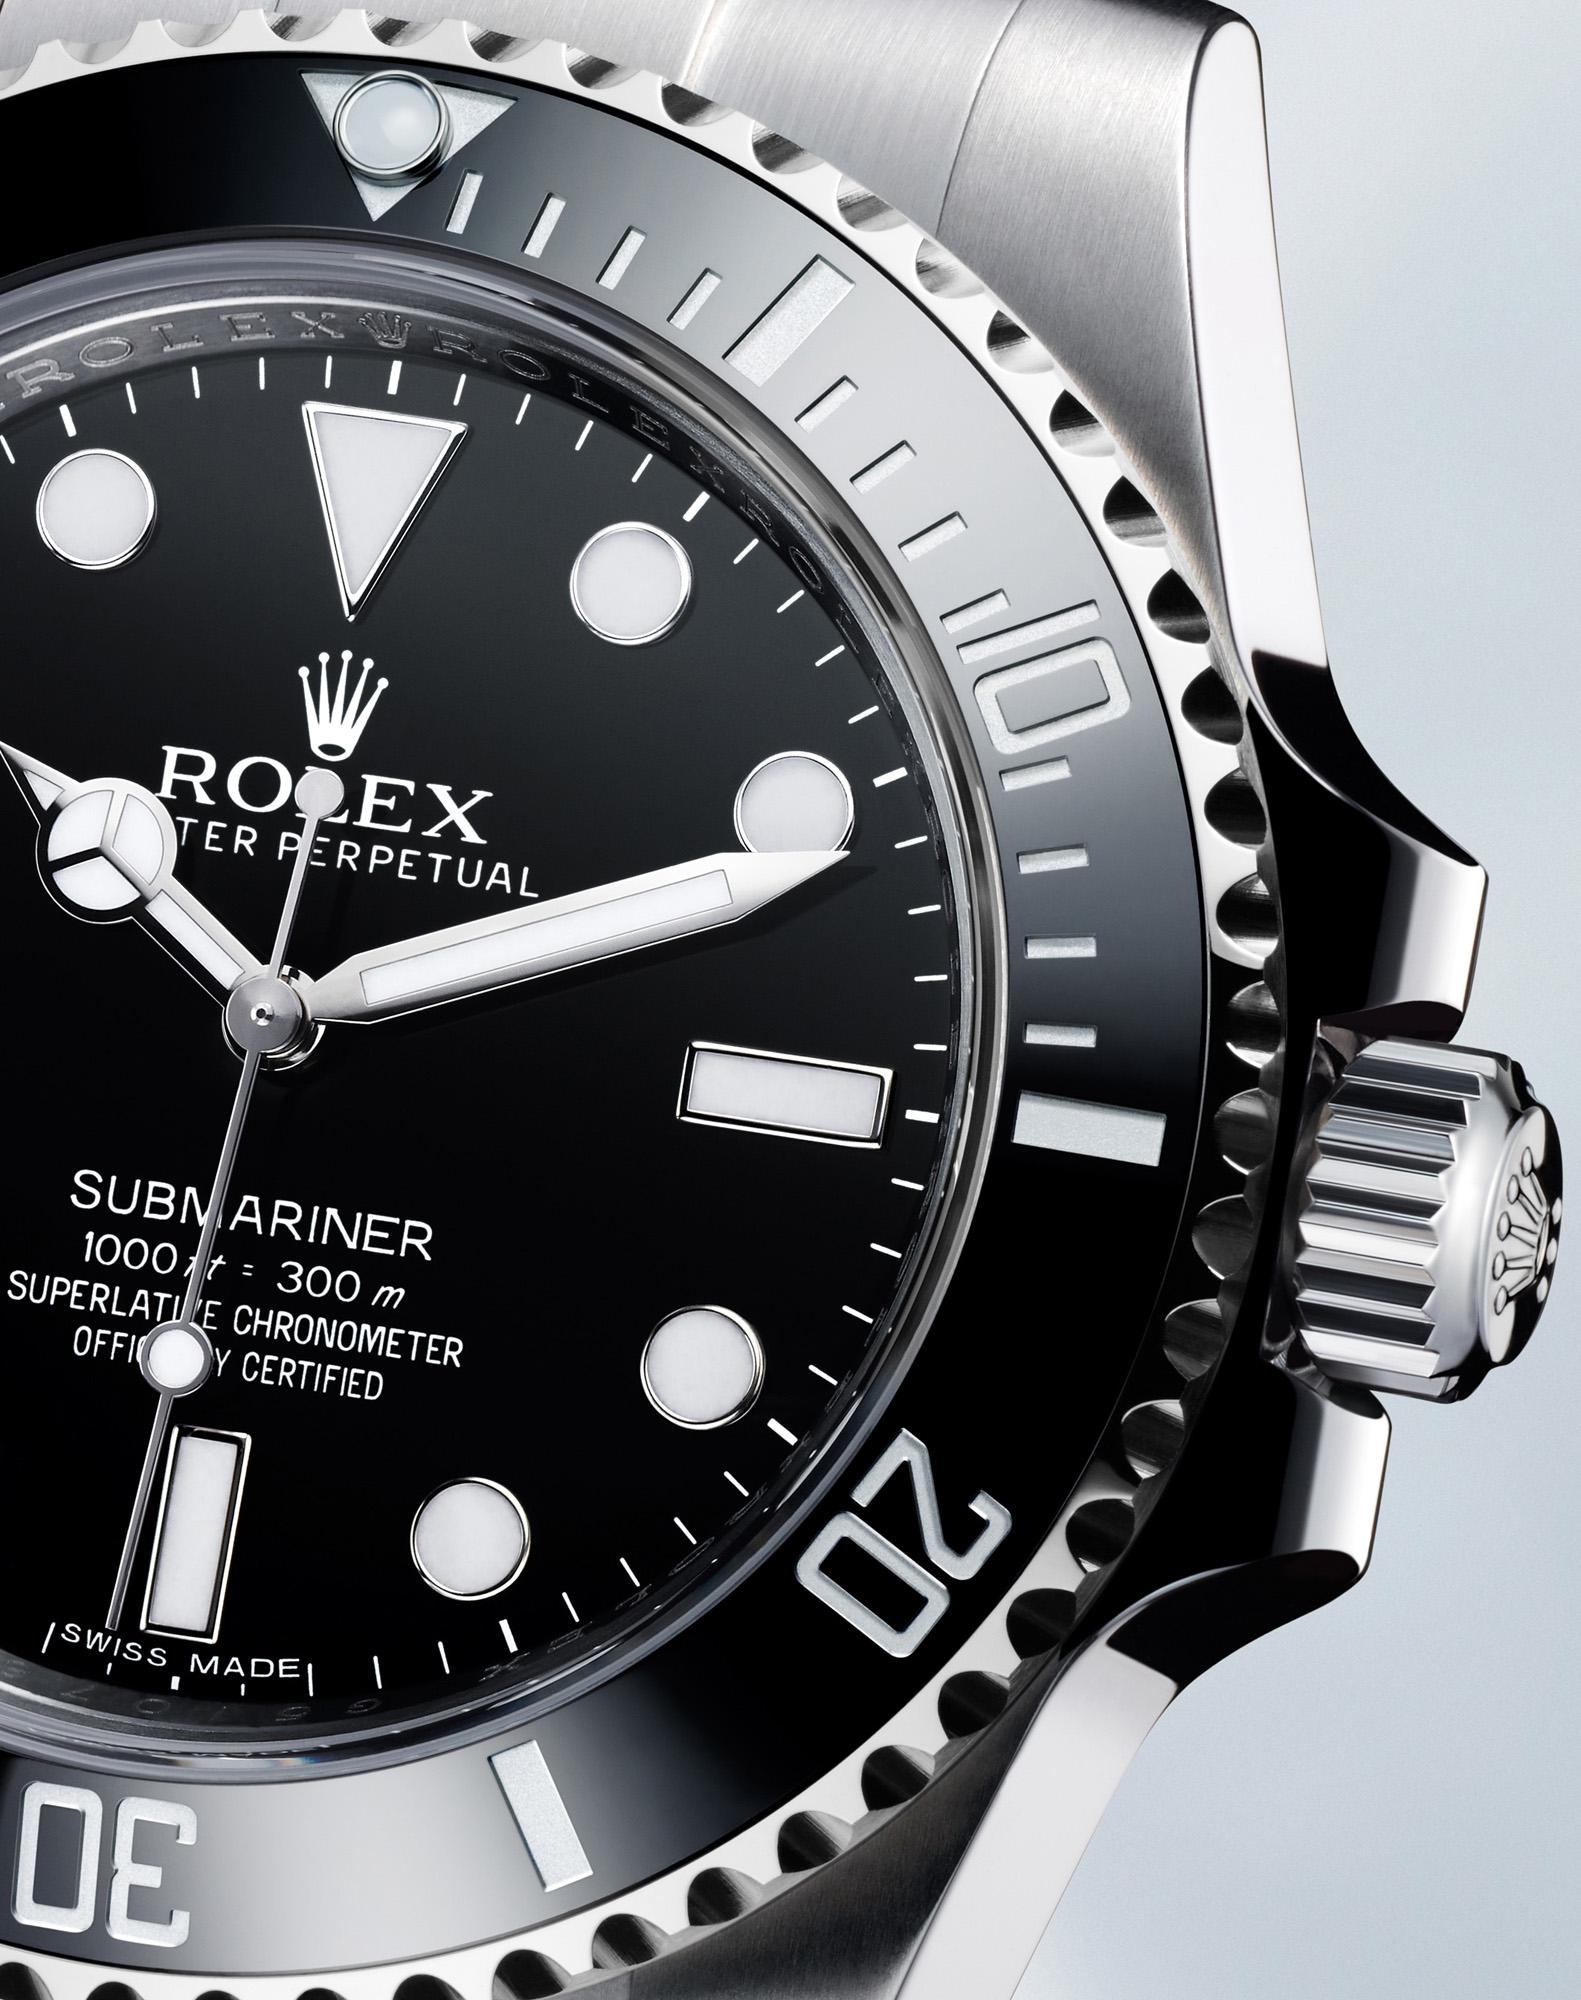 Rolex Submariner Ref. 114060 - Bezel